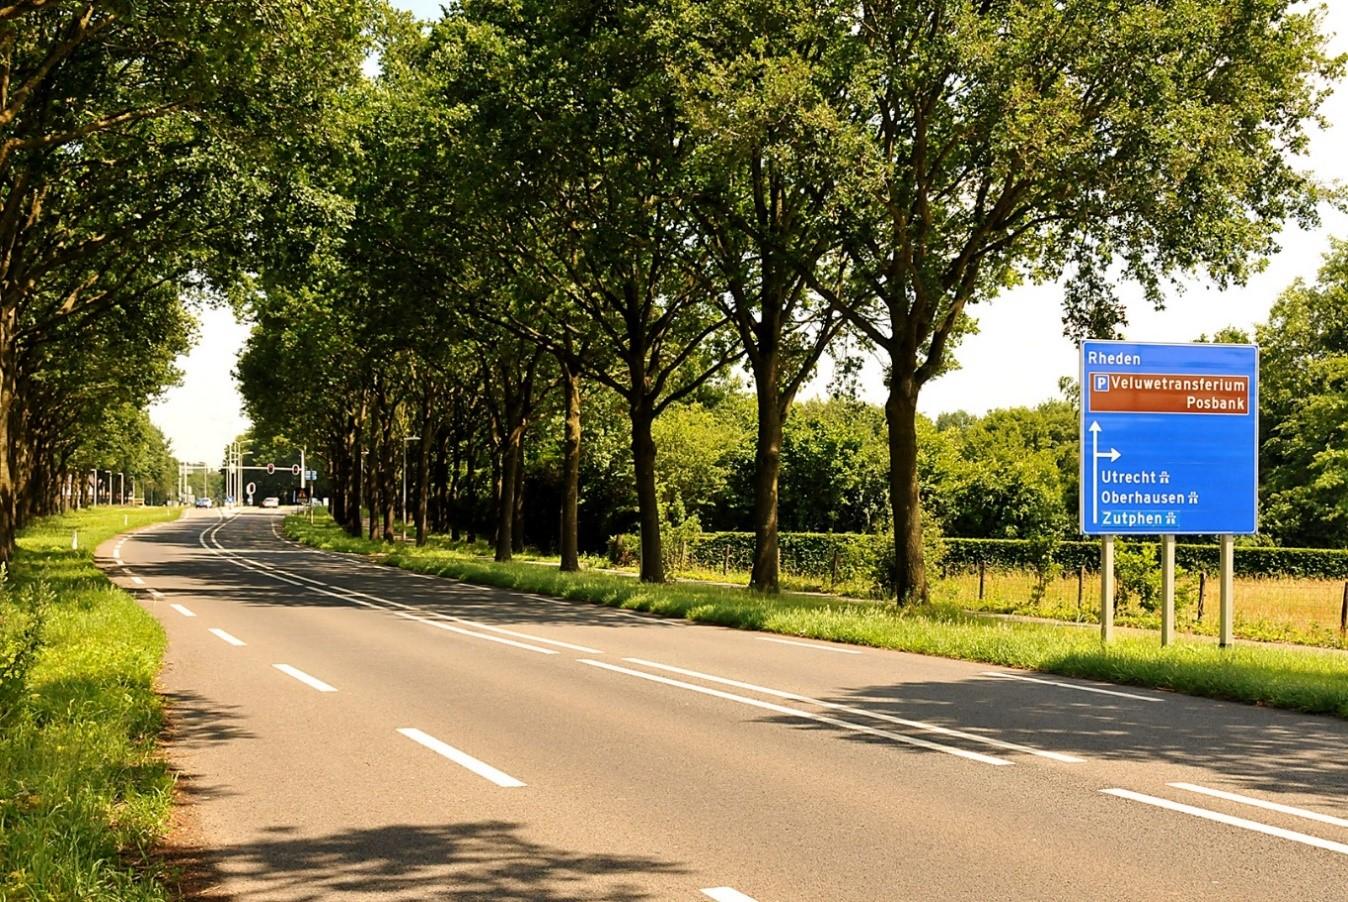 Een impressie van de aangrenzende Provinciale weg van Velp richting Rheden. In de verte bij de verkeerslichten is nog net de afslag naar de snelweg van de A.348 zichtbaar zoals het verkeersbord op de voorgrond duidelijk kenbaar maakt - Foto:©Ton Heekelaar.